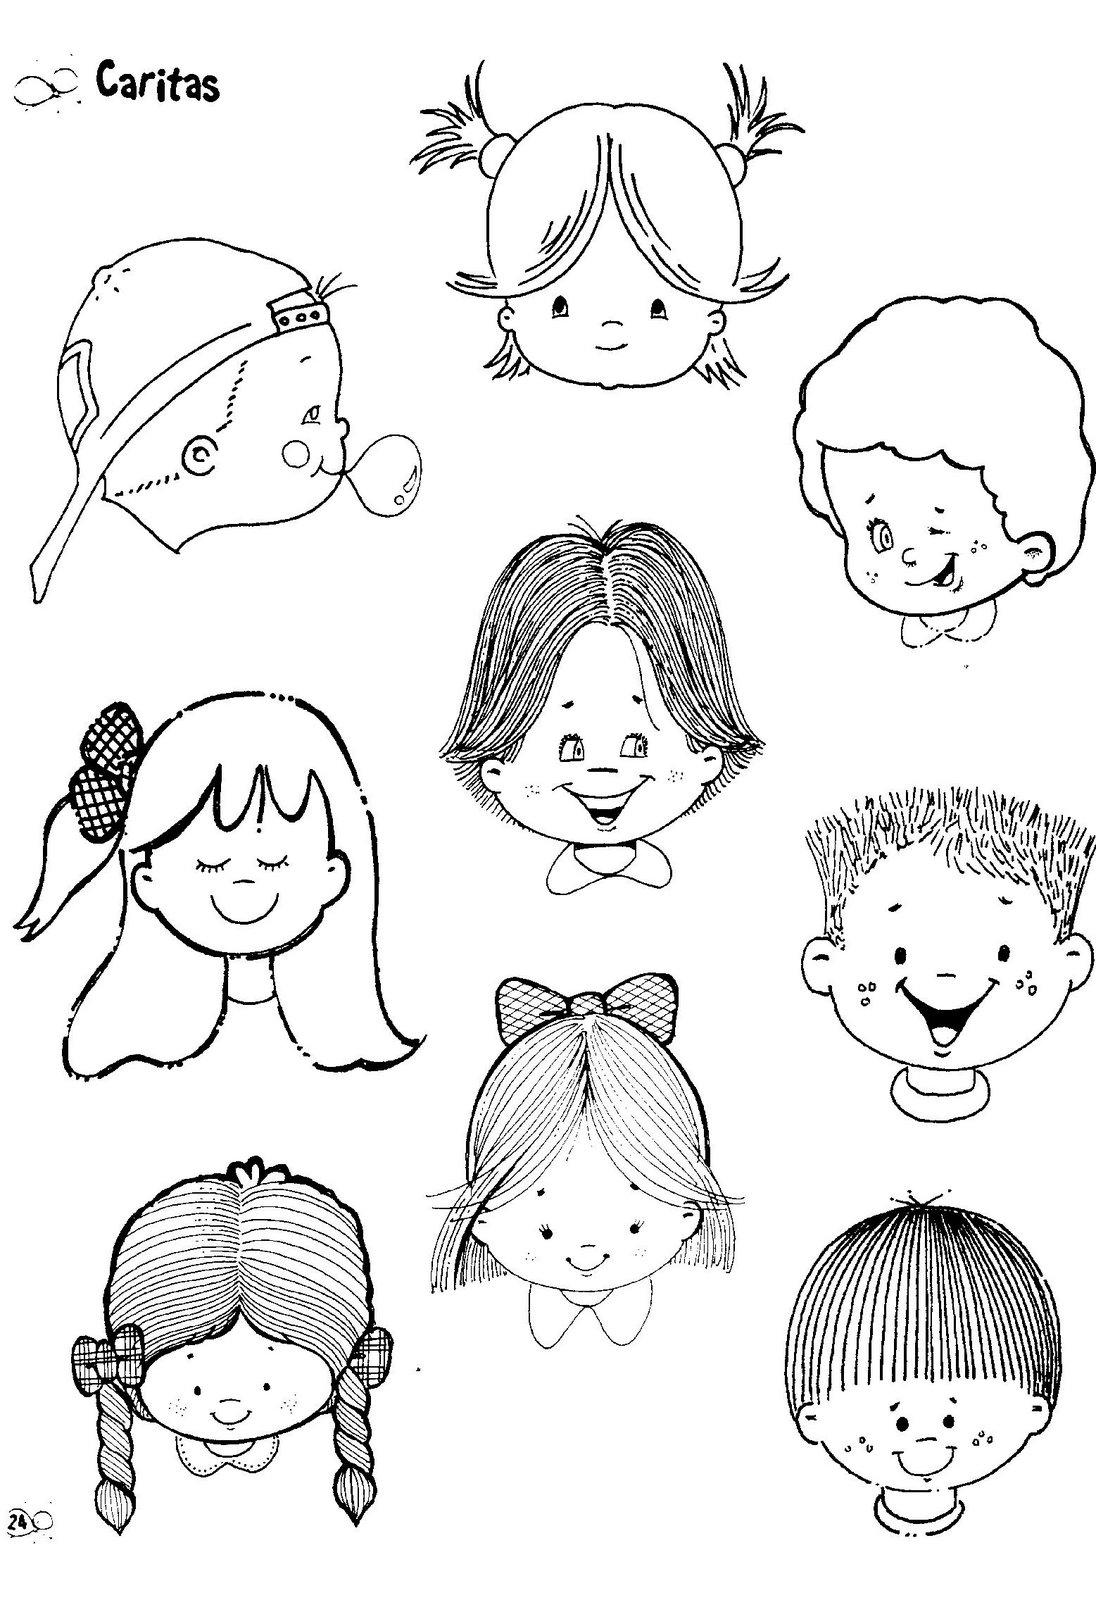 fichas infantiles colorear: